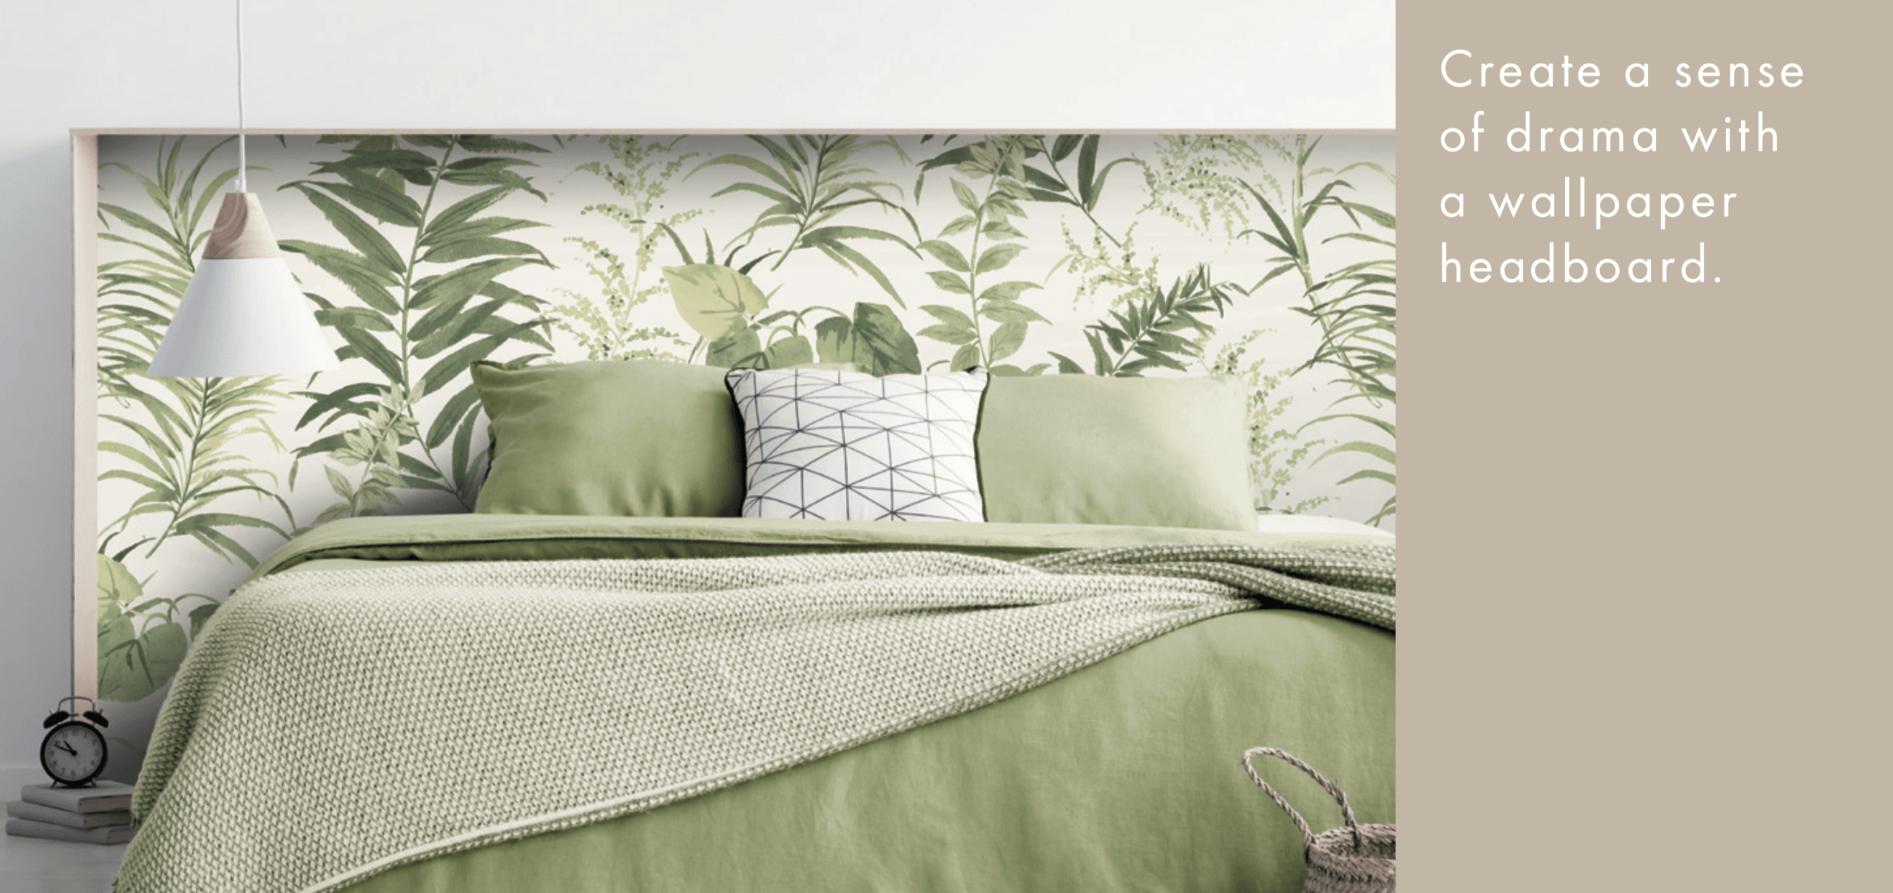 wallpaper headboard for your bedroom